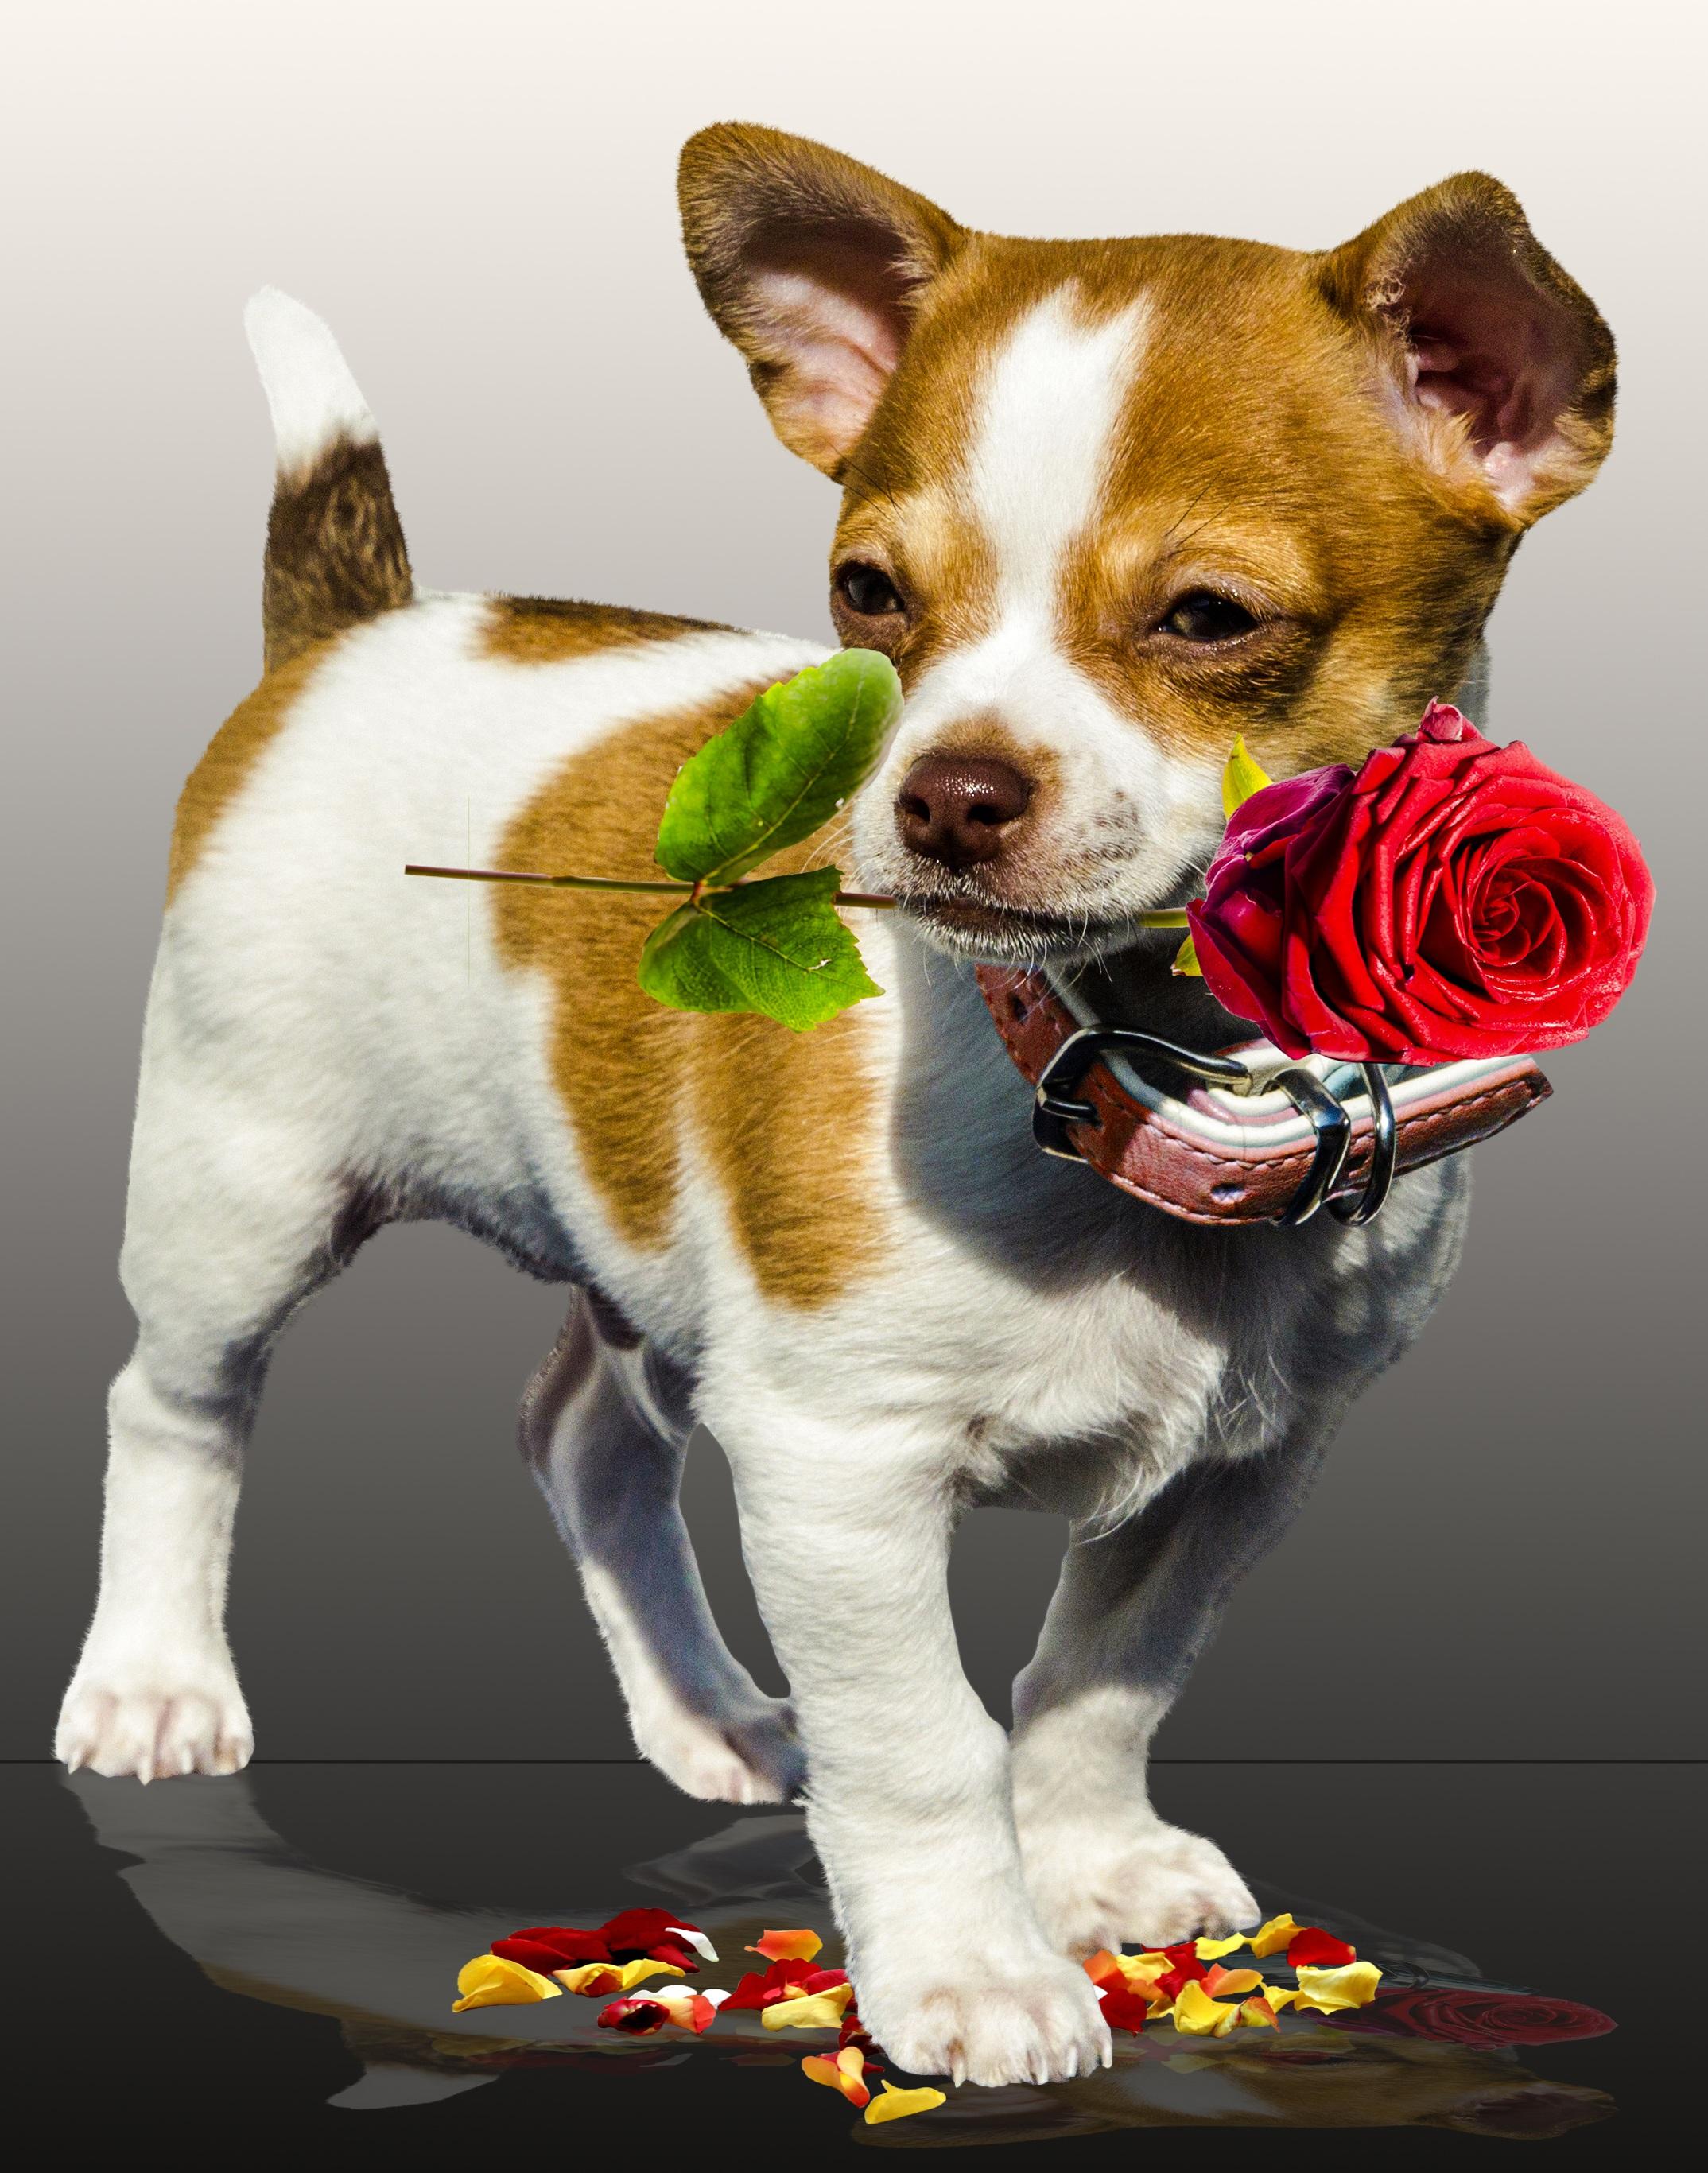 Images Gratuites Fleur Chiot Animal Amour Rose Messager